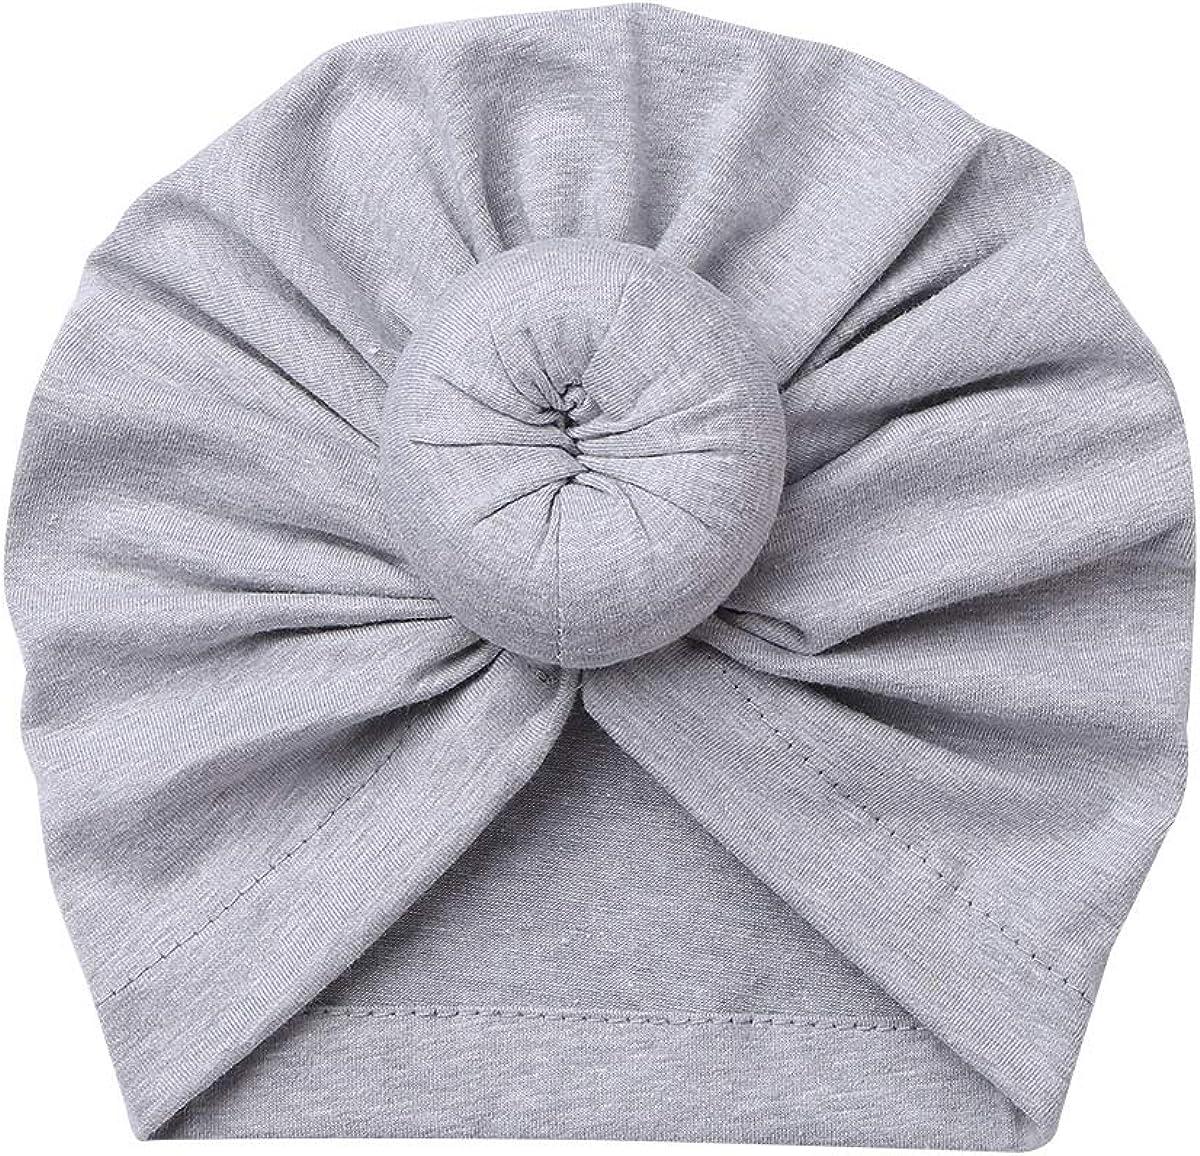 inlzdz Bonnet B/éb/é Nouveau-N/é Turban Lot de 3 Bonnet Indien en Coton Bandeau Chapeau Noeud Mou T/ête Wraps pour B/éb/é Naissance Chapeau de lh/ôpital Infantile Chapeau